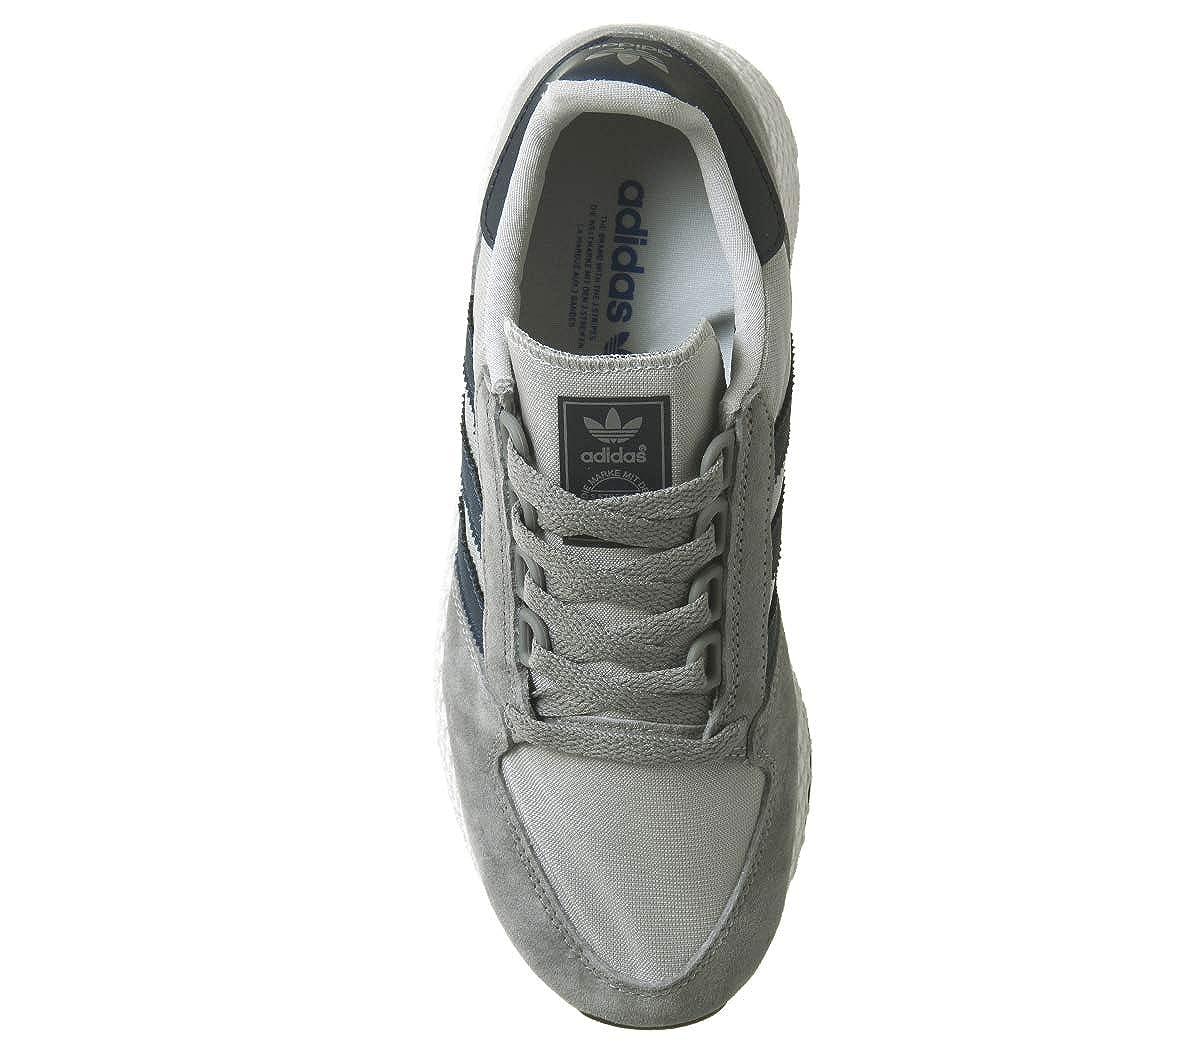 best cheap 1650a 1d20e Adidas Forest Grove, Scarpe da Fitness Uomo, Grigio (GritreMaruniGridos  0), 42 EU Amazon.it Scarpe e borse